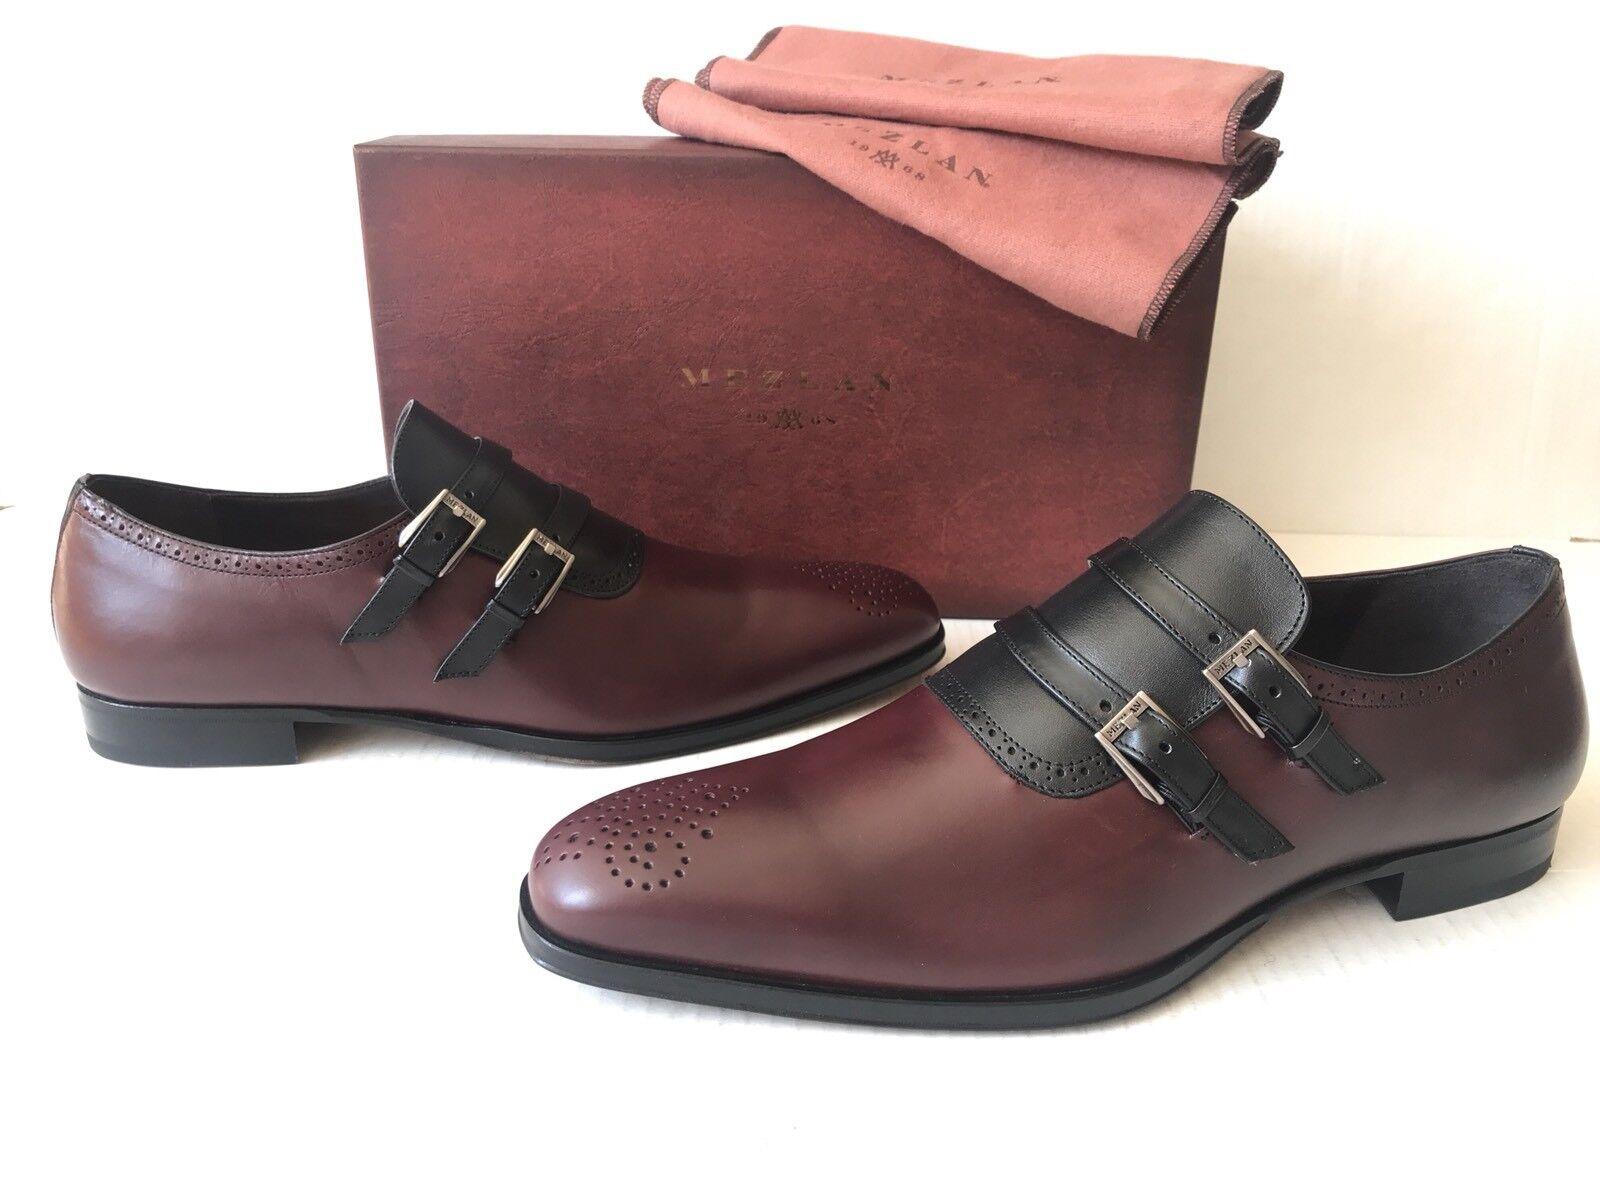 Zapato de vestir Mezlan de dos tonos. Talla 10.5. precio Minorista Sugerido por el fabricante   395.00